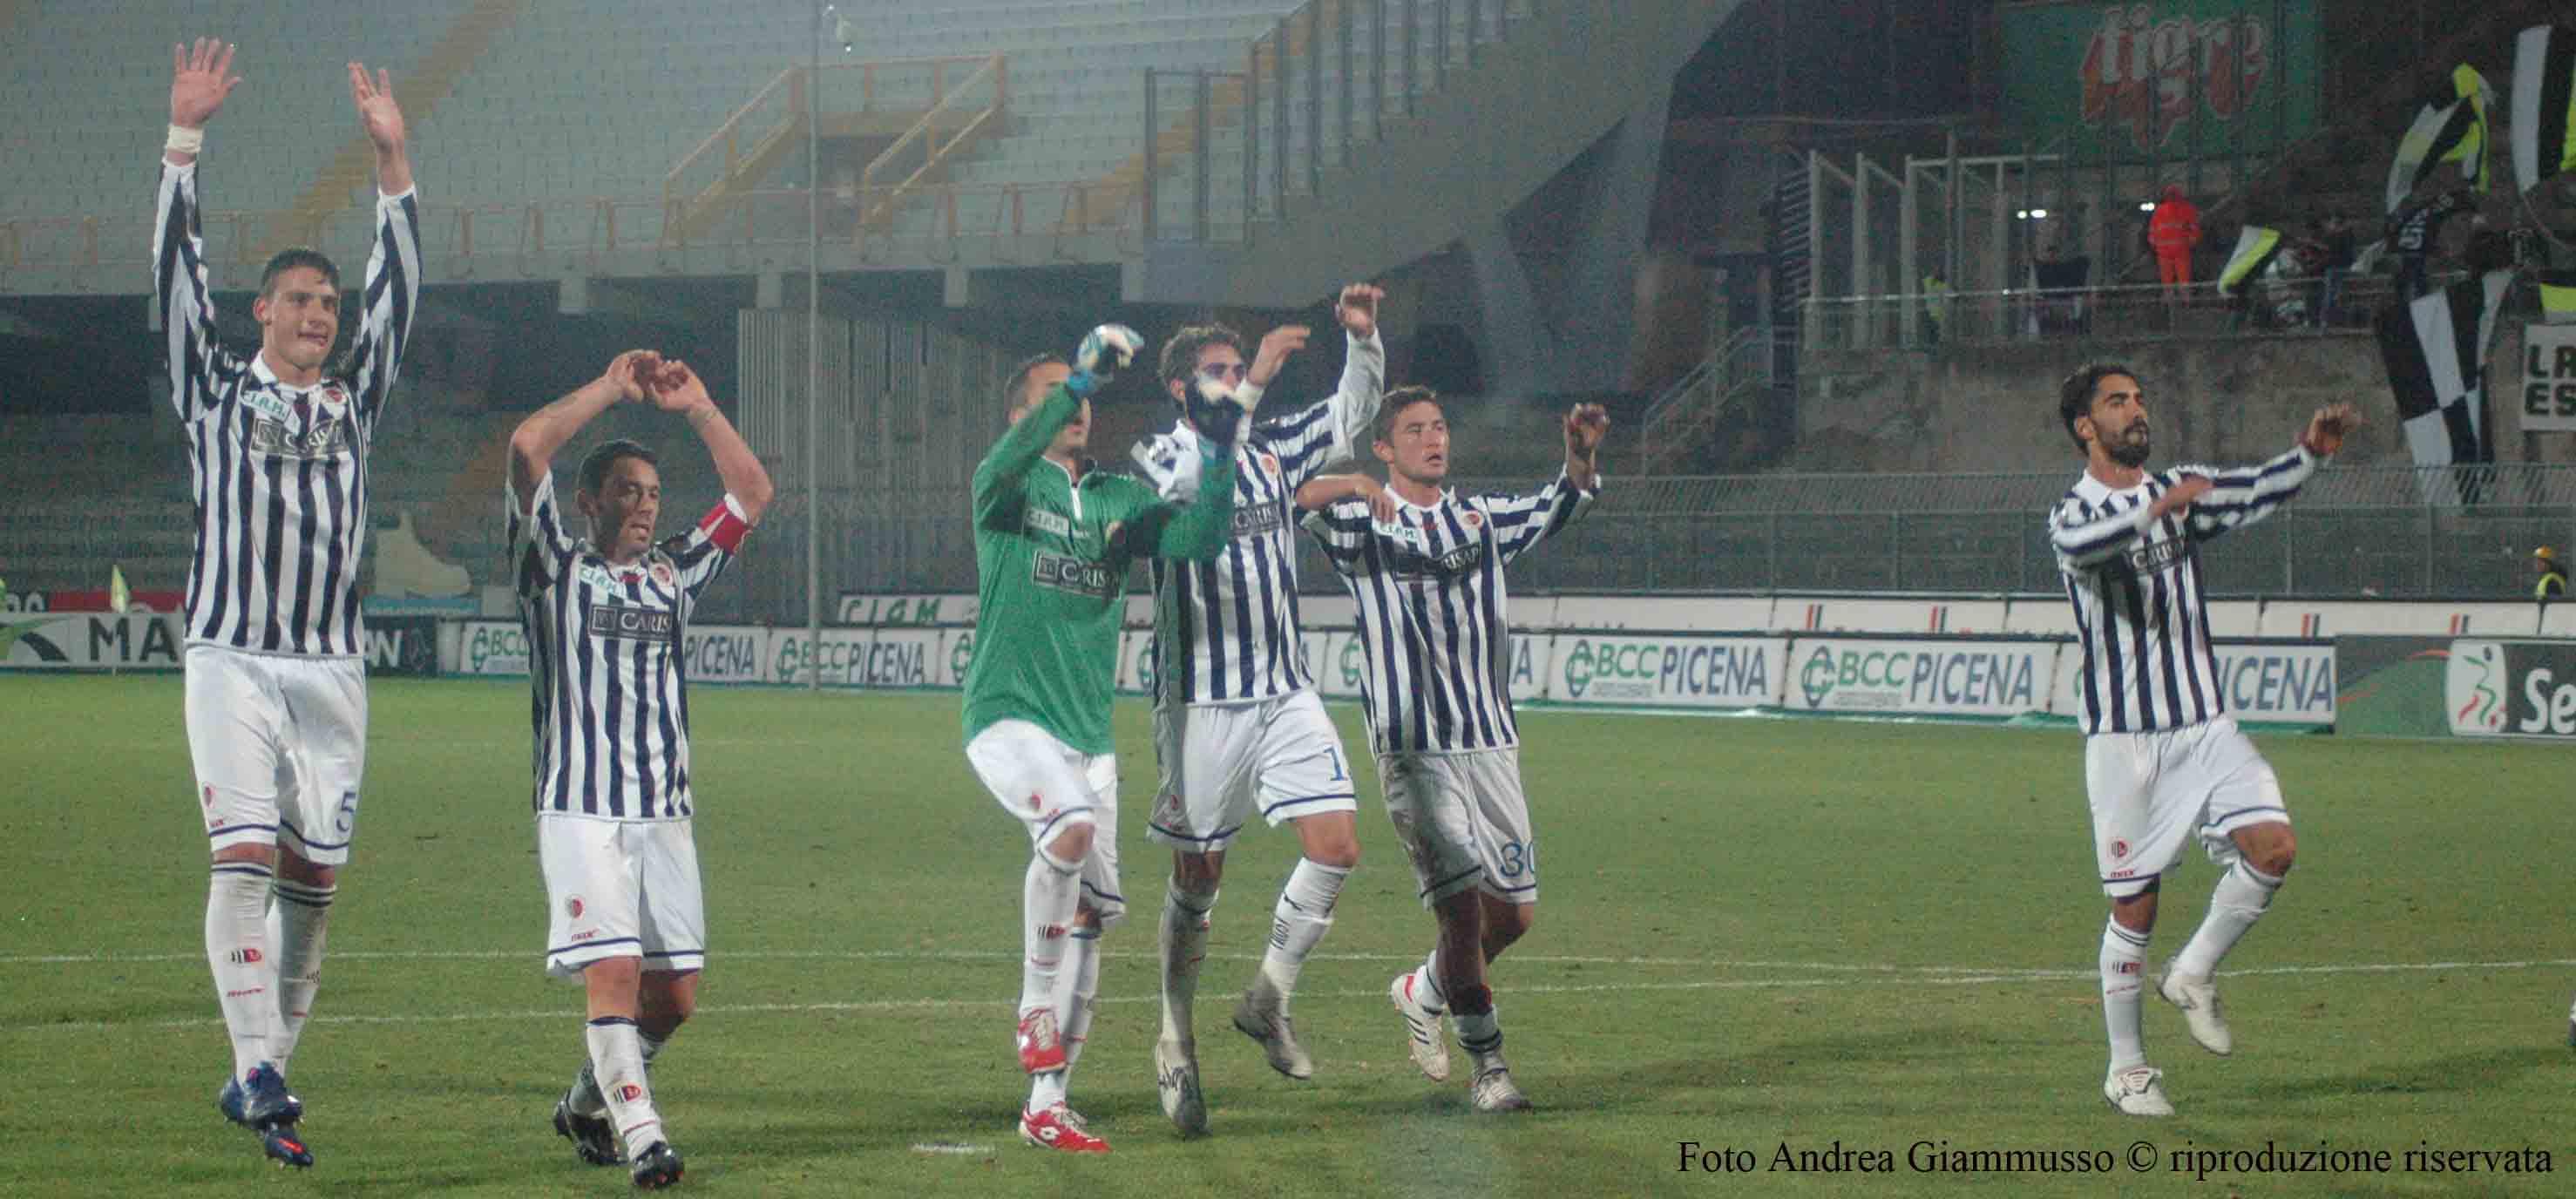 Ascoli-Novara, i giocatori esultano nel finale con gli ultras (foto Giammusso, riproduzione vietata)